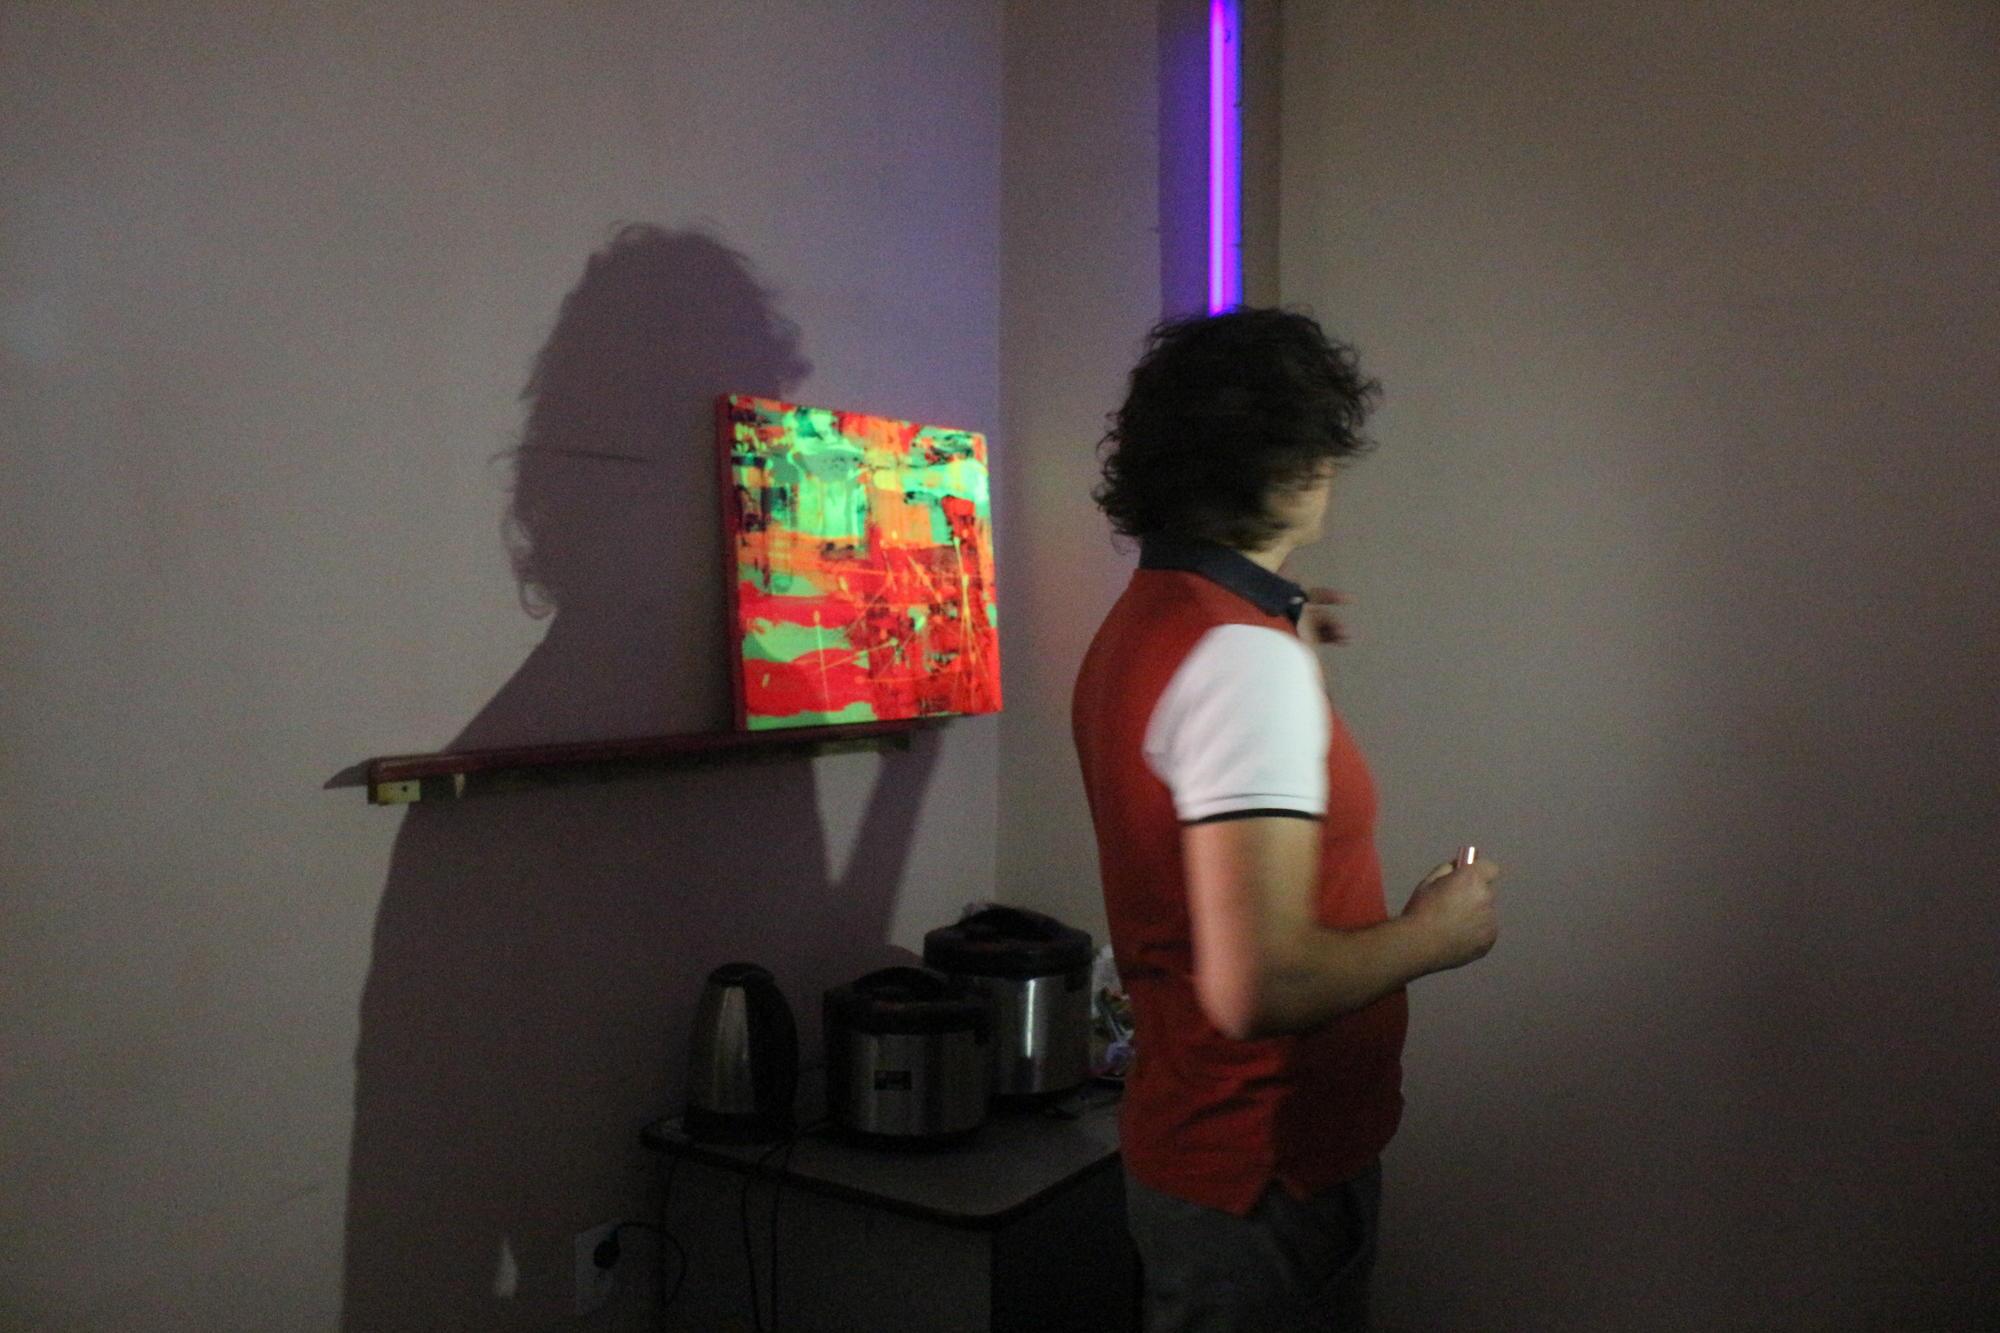 підсвітка картин люмінісцентною лампою Дмитро Адушкін на резиденції Тонка червона лінія в Бахмуті